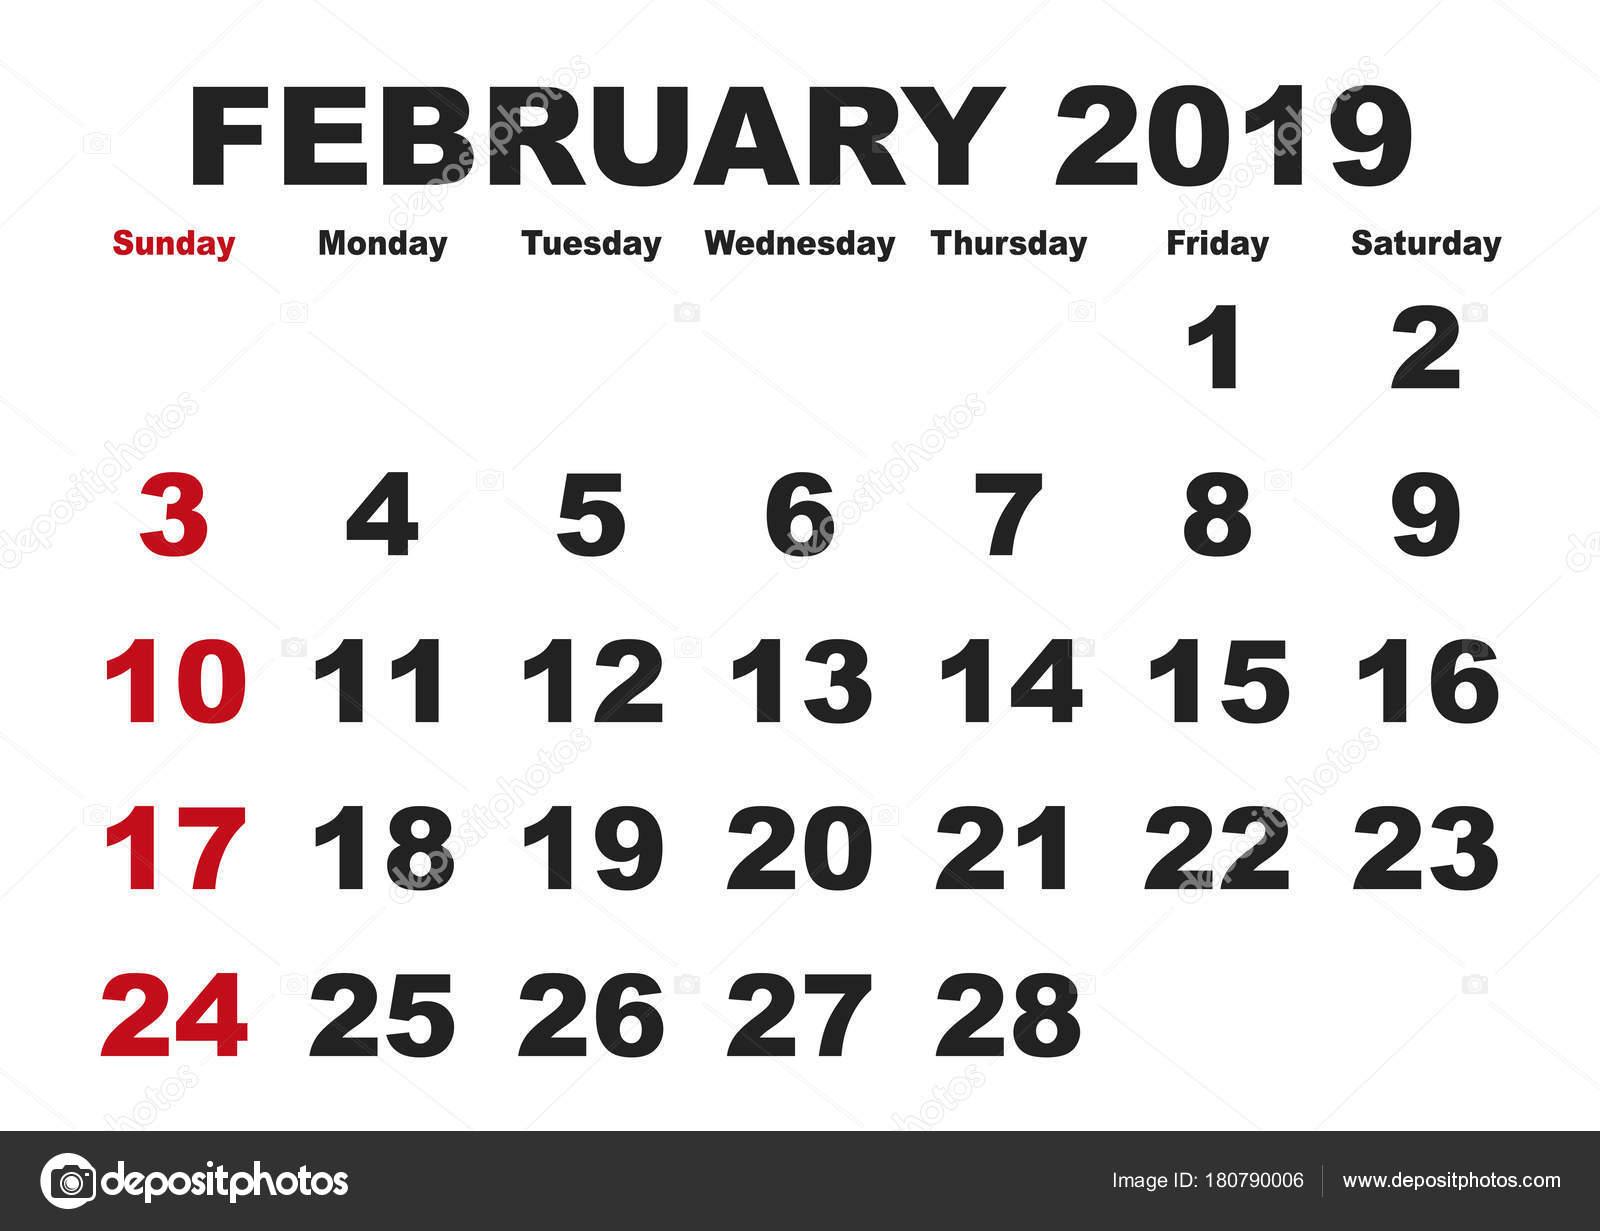 2019 naptár február Február havi naptár 2019 angol nyelvváltozatban — Stock Vektor  2019 naptár február